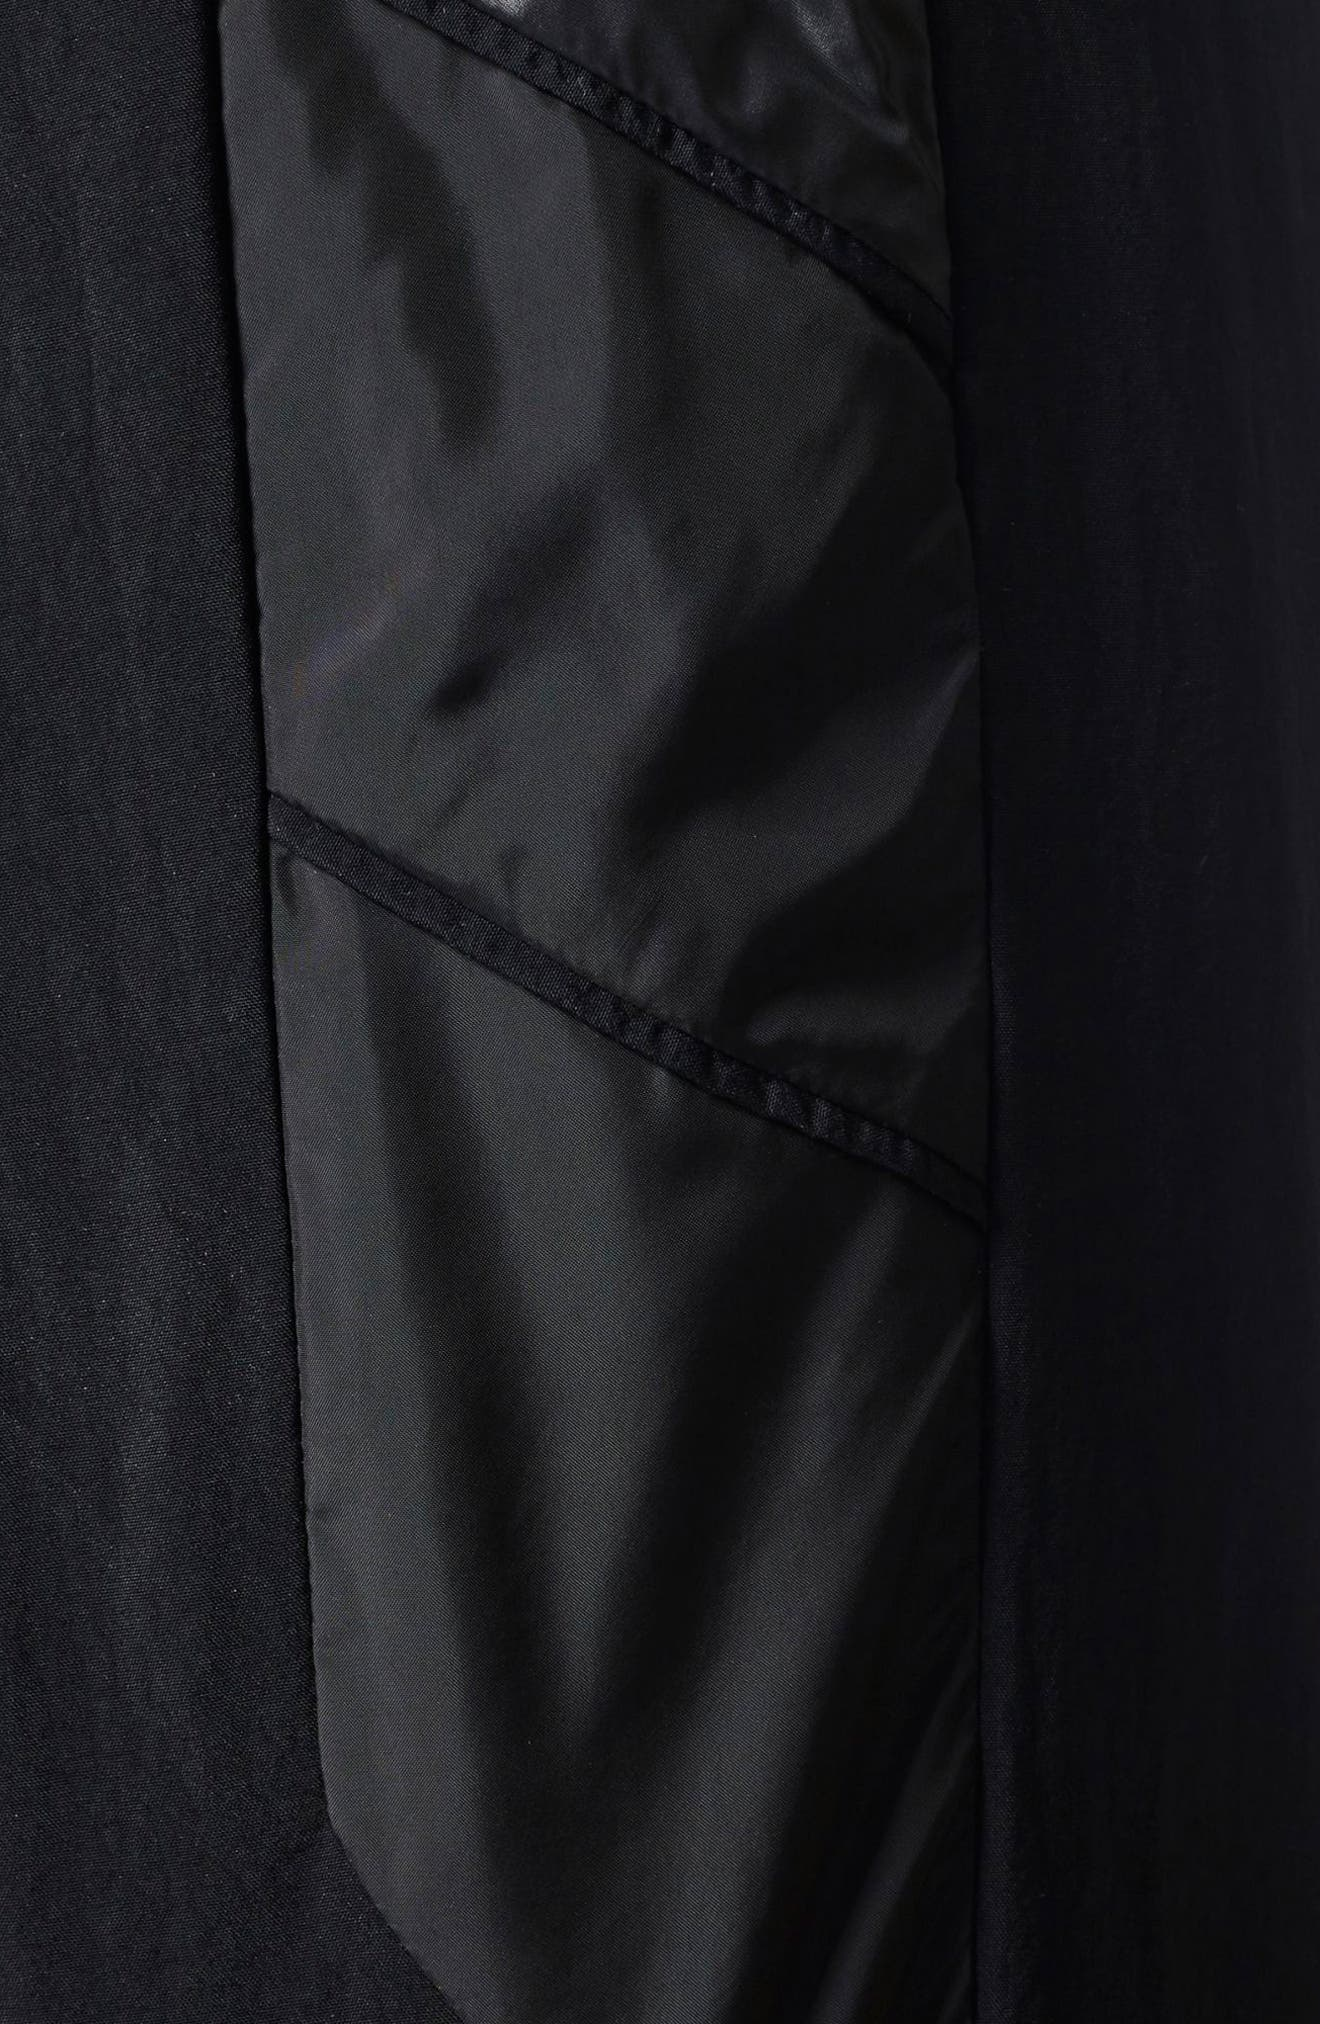 Originals Slim Tapered Pants,                             Alternate thumbnail 4, color,                             Black